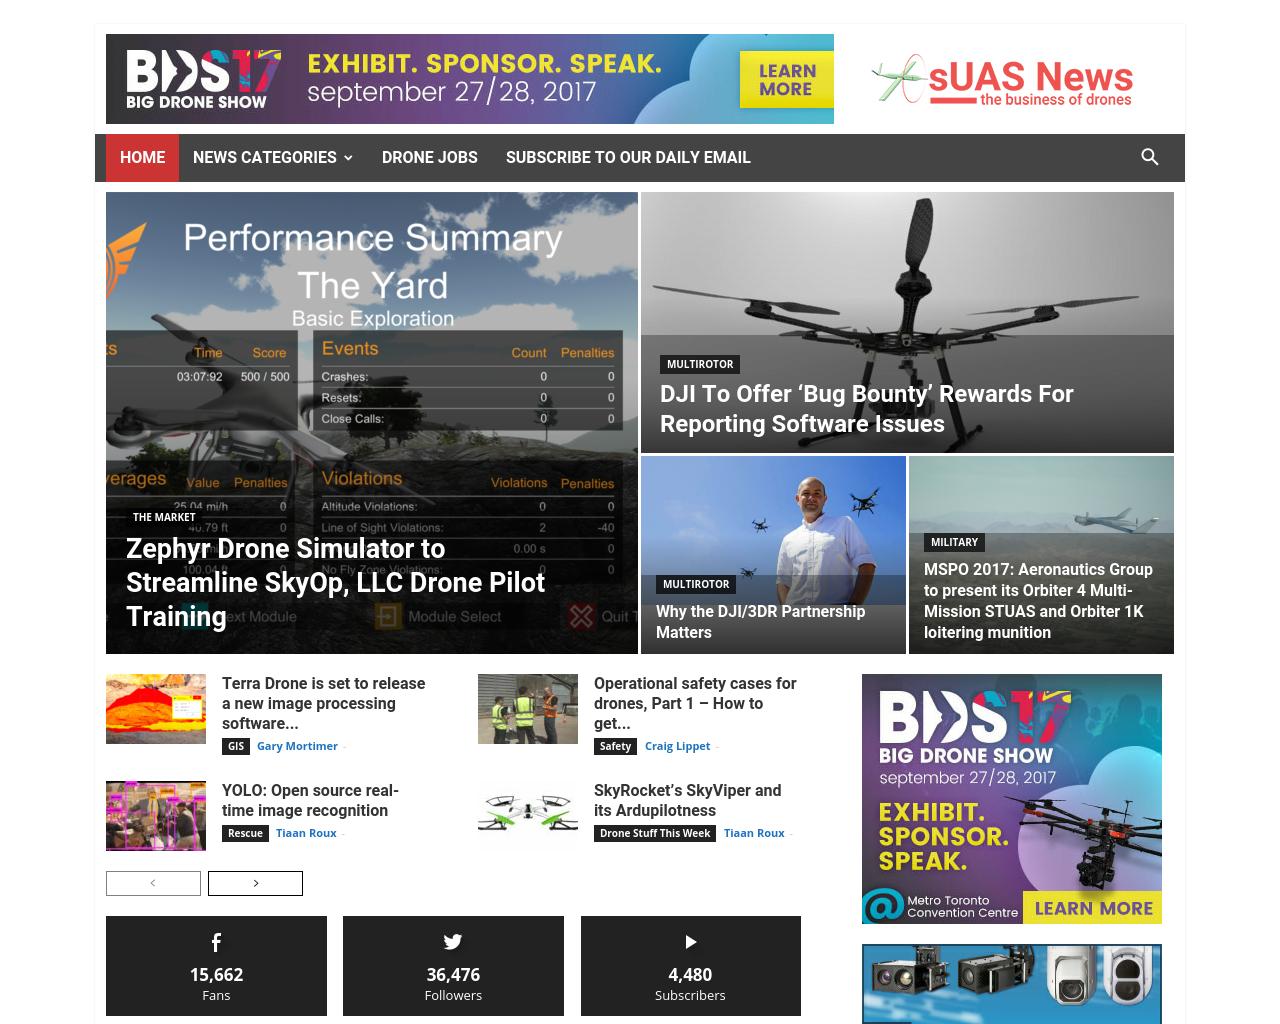 sUAS-News-Advertising-Reviews-Pricing